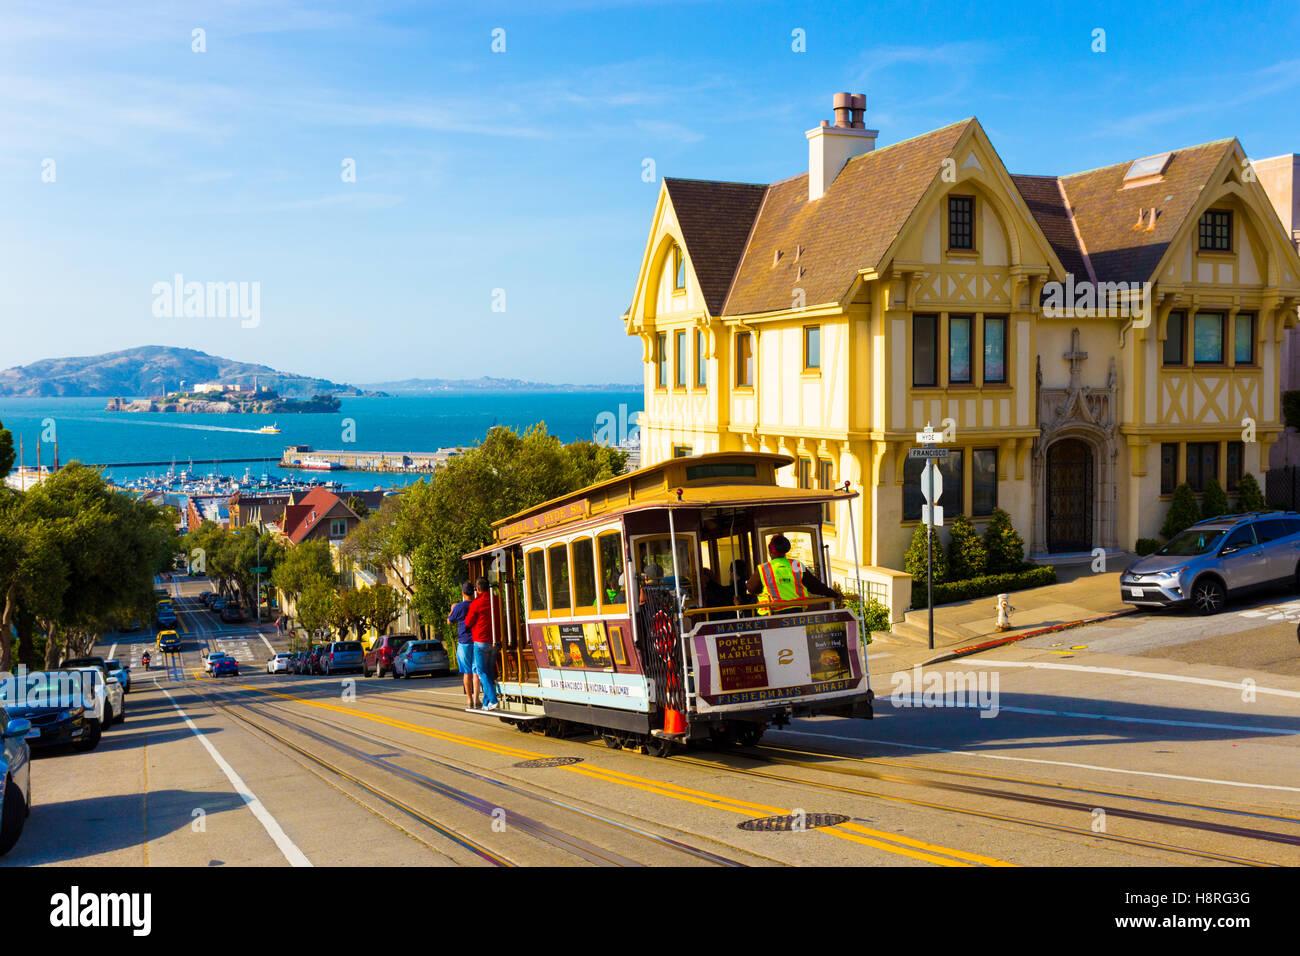 Combinado con vistas panorámicas de la Bahía de San Francisco, con Alcatraz, teleférico, casas victorianas, Imagen De Stock